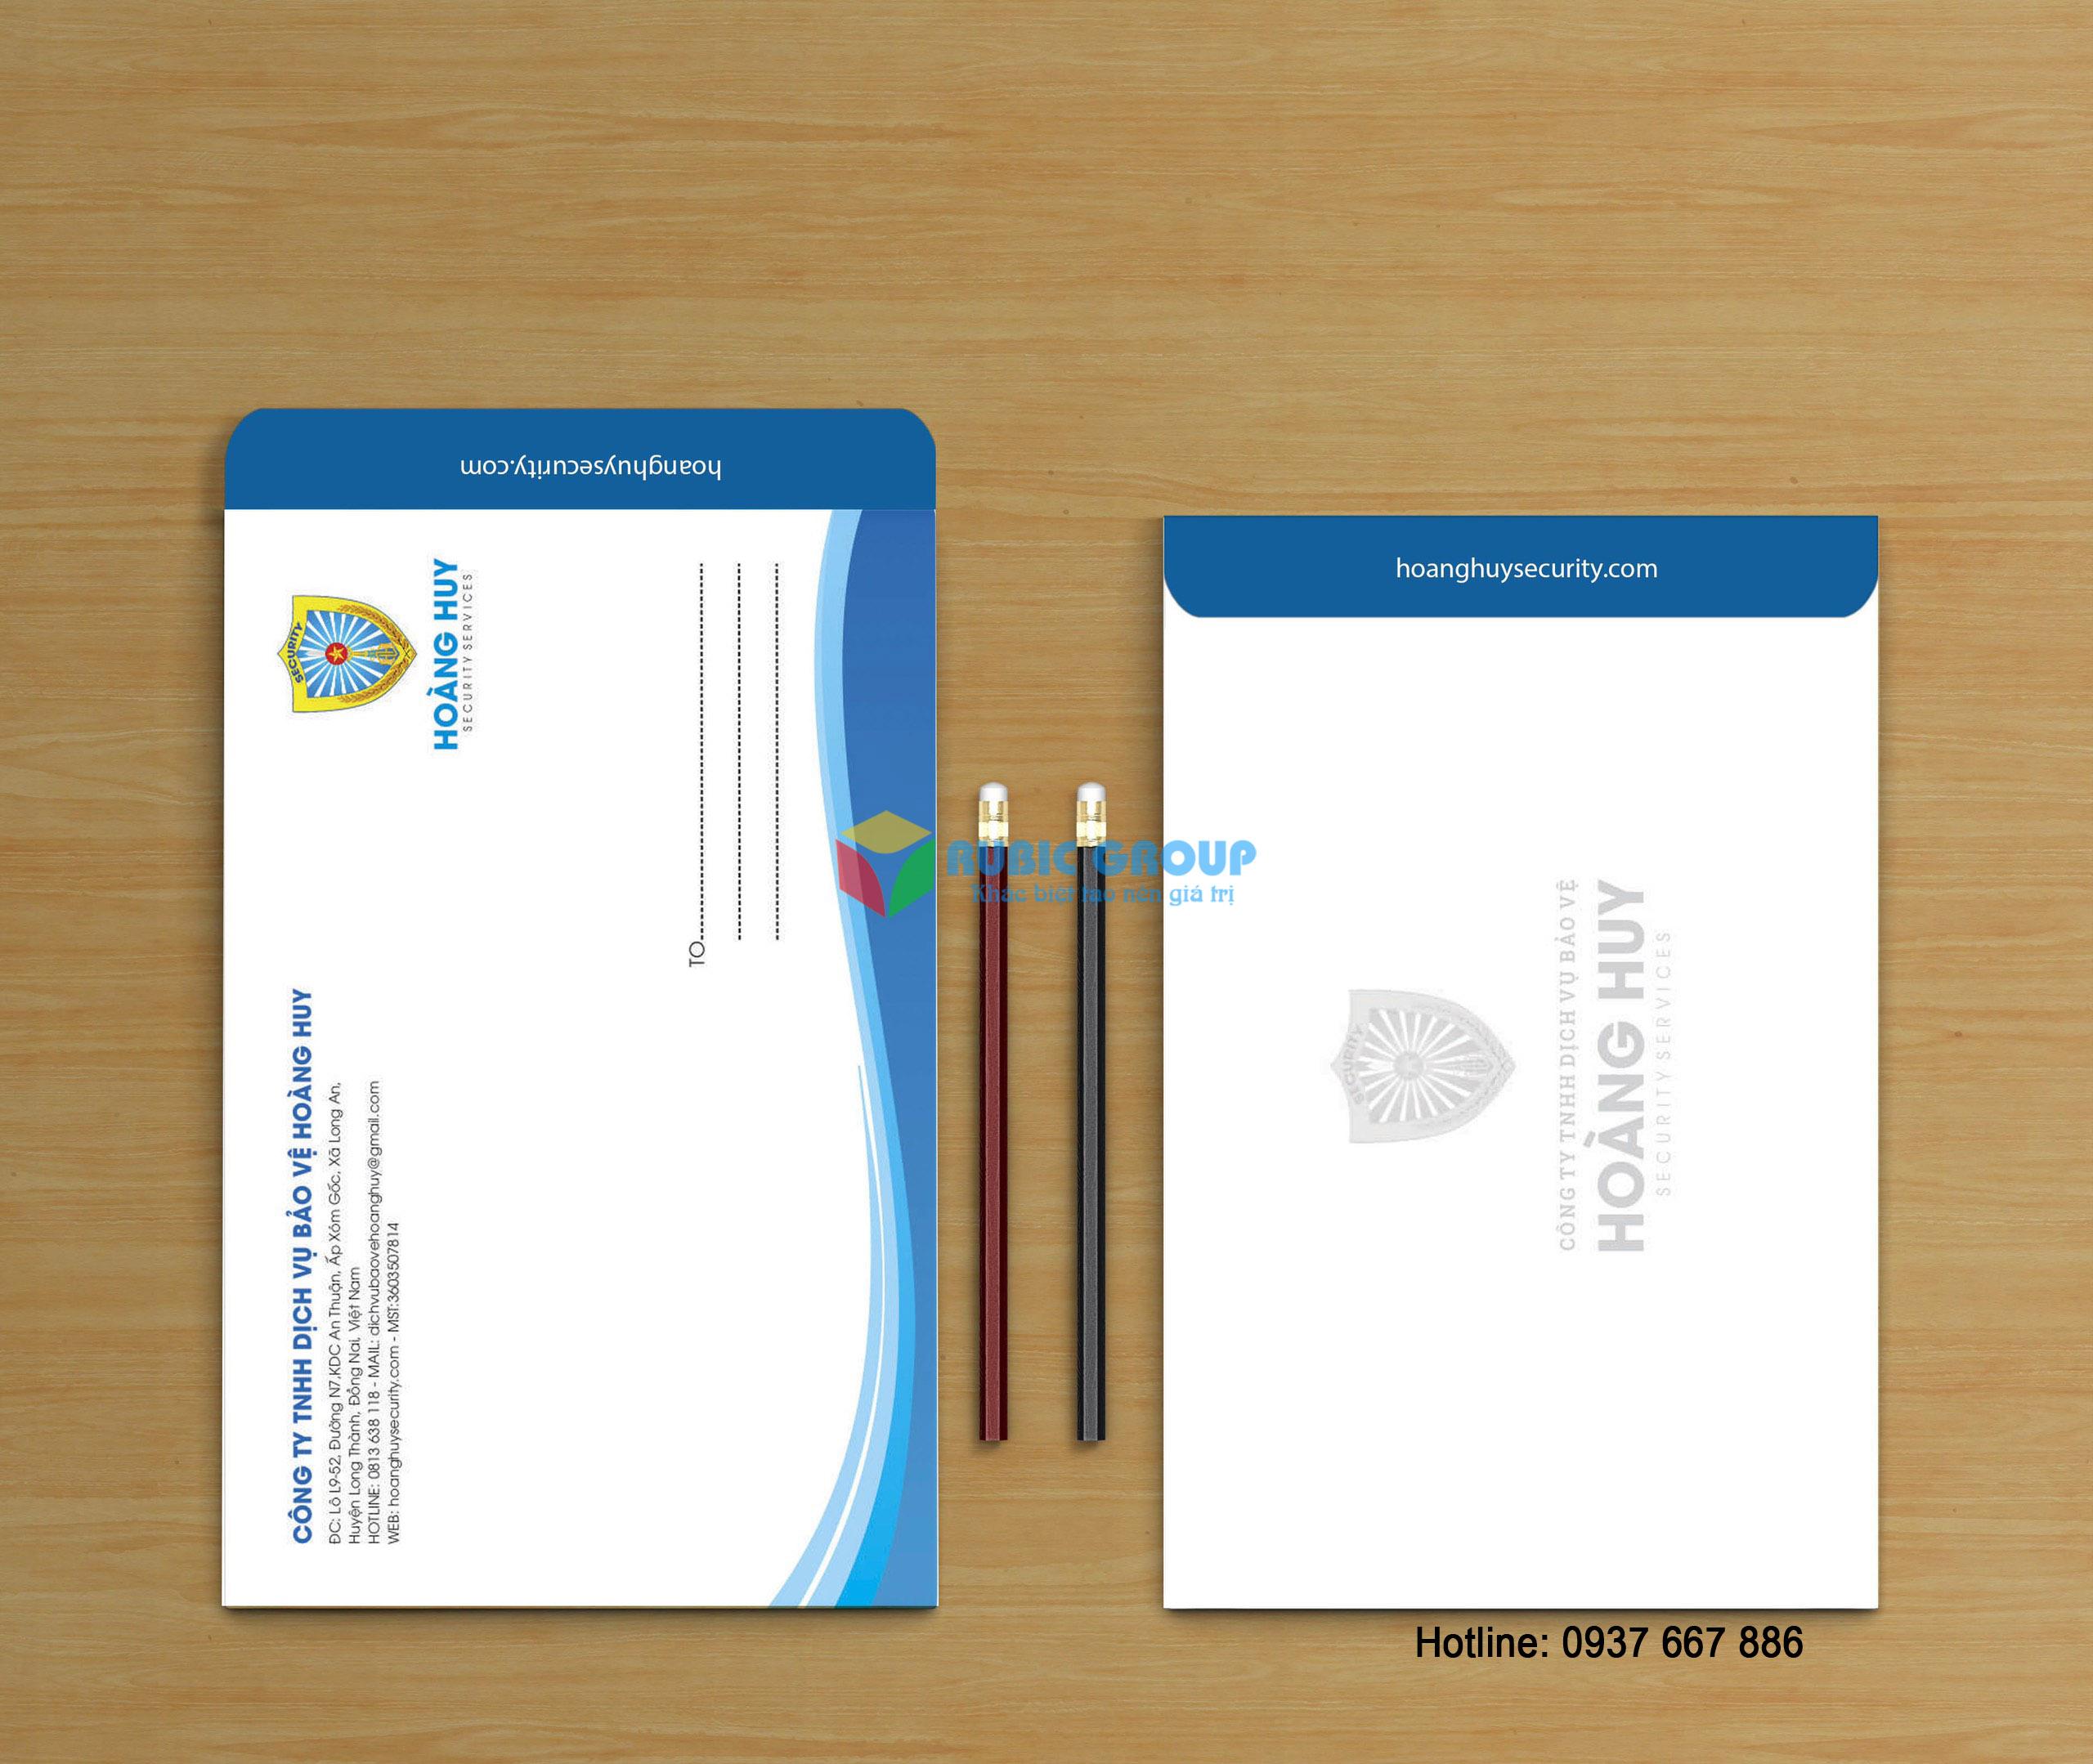 thiết kế hồ sơ năng lực công ty bảo vệ hoàng huy 5